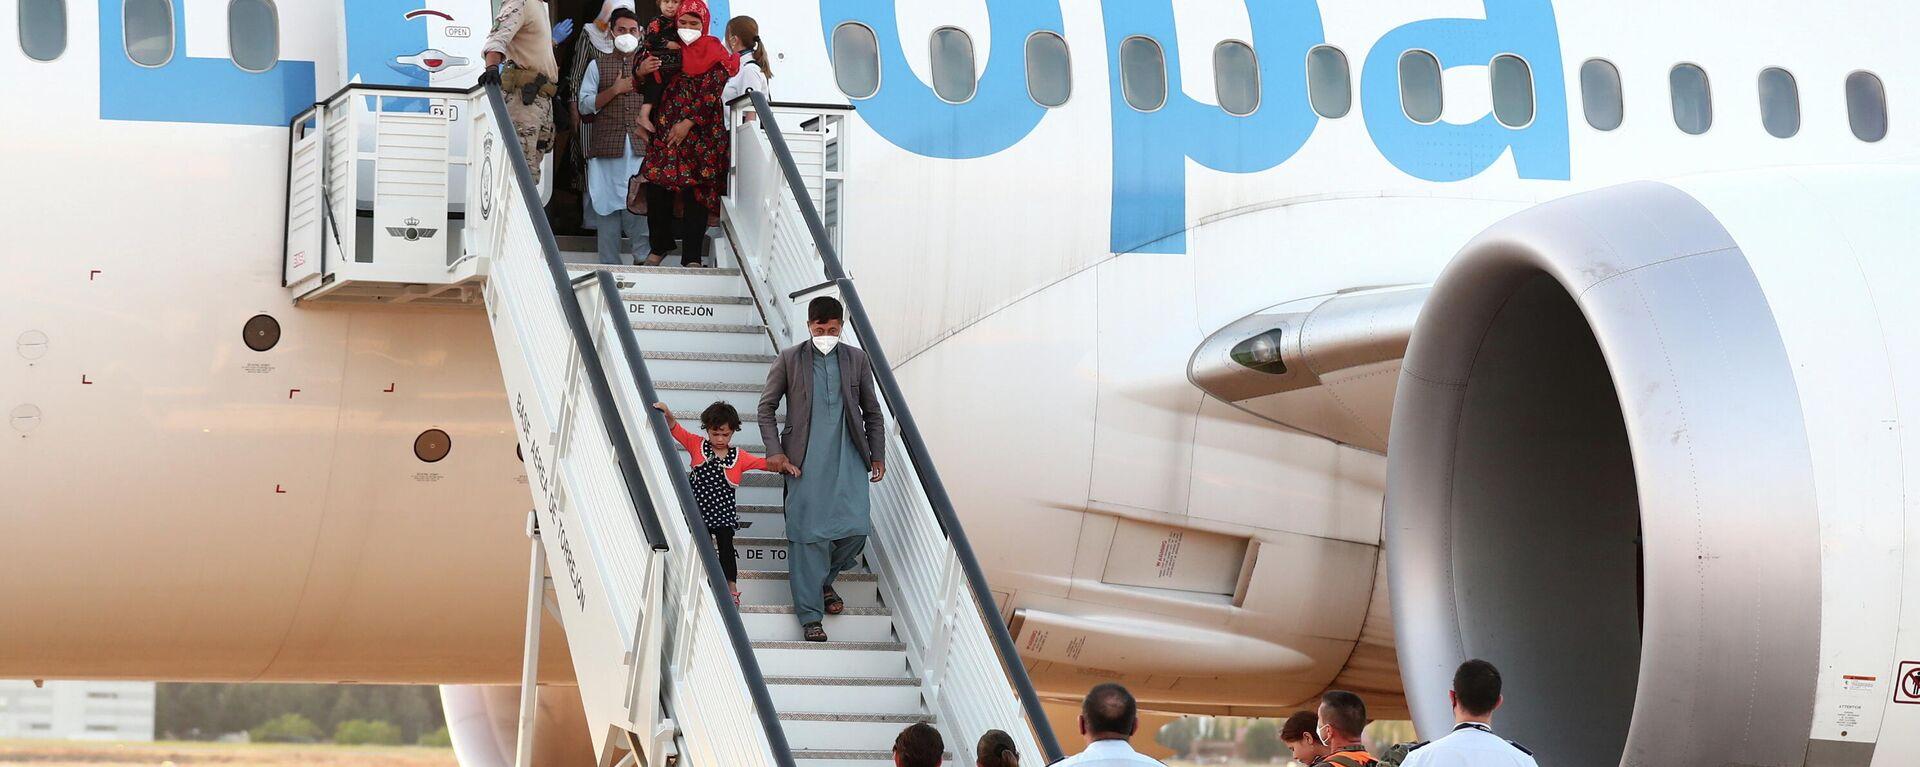 La llegada de evacuados de Afganistán a la base aérea de Torrejón de Ardoz, en Madrid - Sputnik Mundo, 1920, 24.08.2021